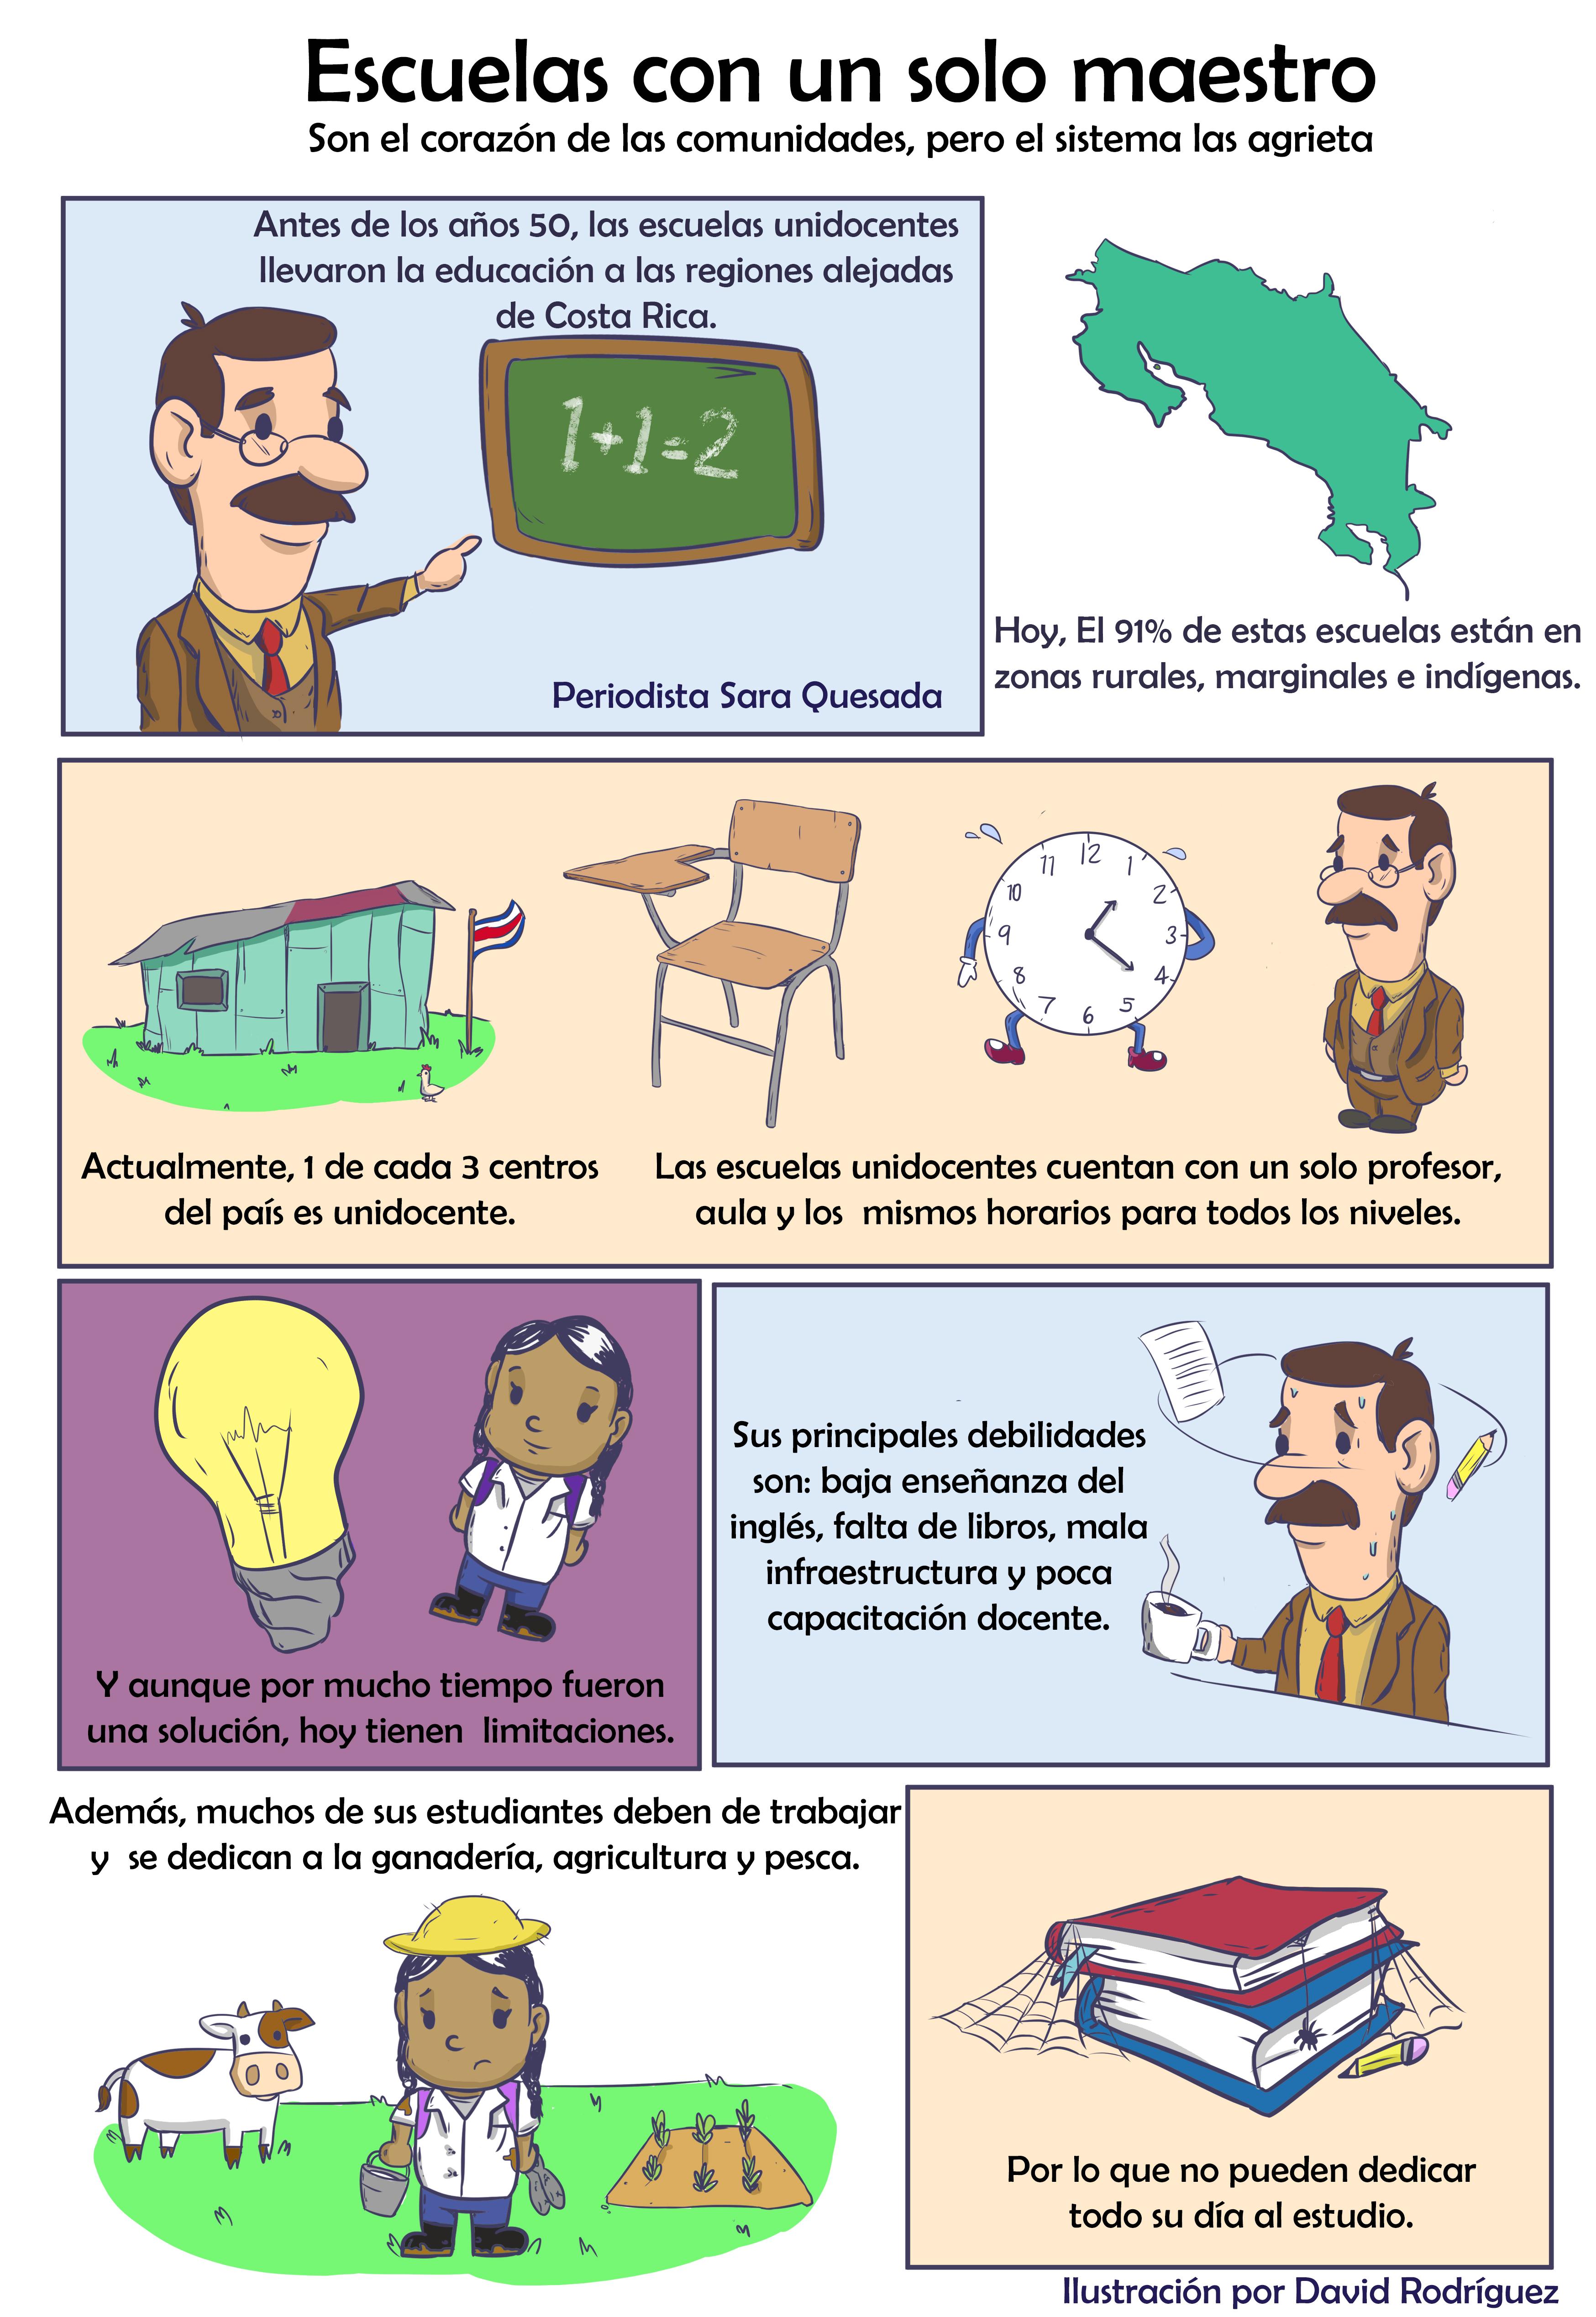 Escuelas Unidocentes - Reportaje DATA La Nación